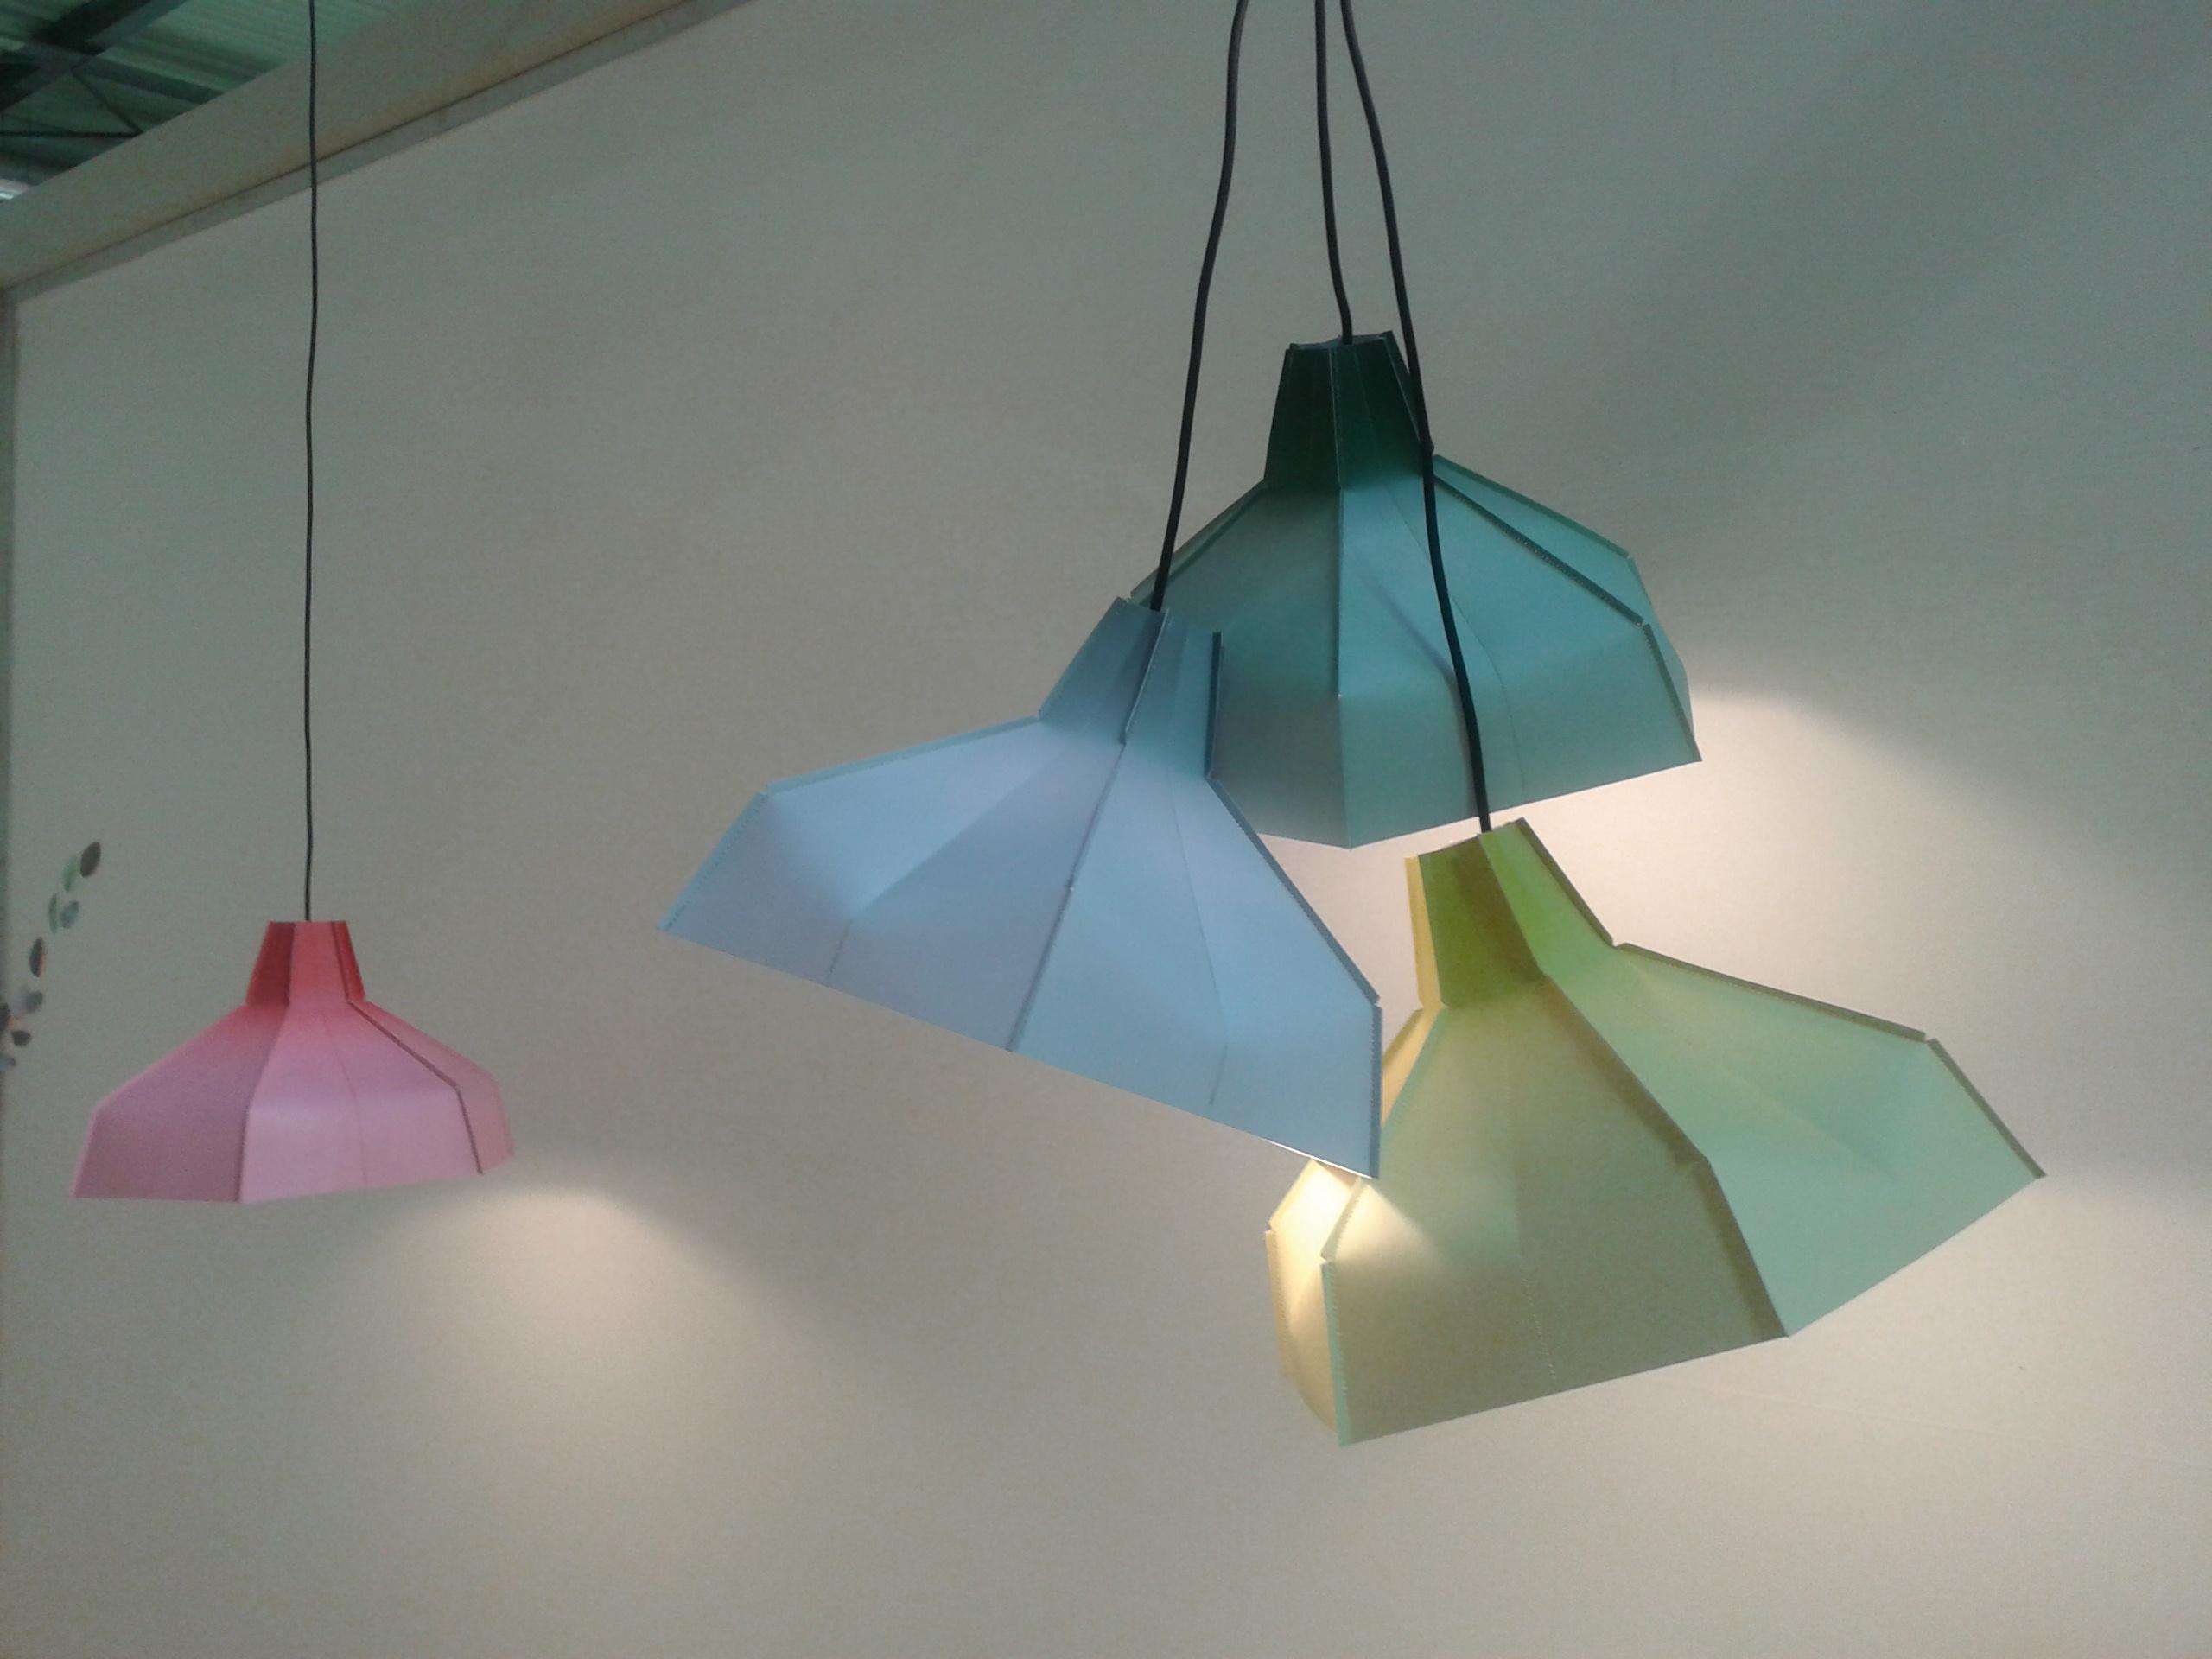 Salone del mobile groot aanbod grote namen for Lampen namen